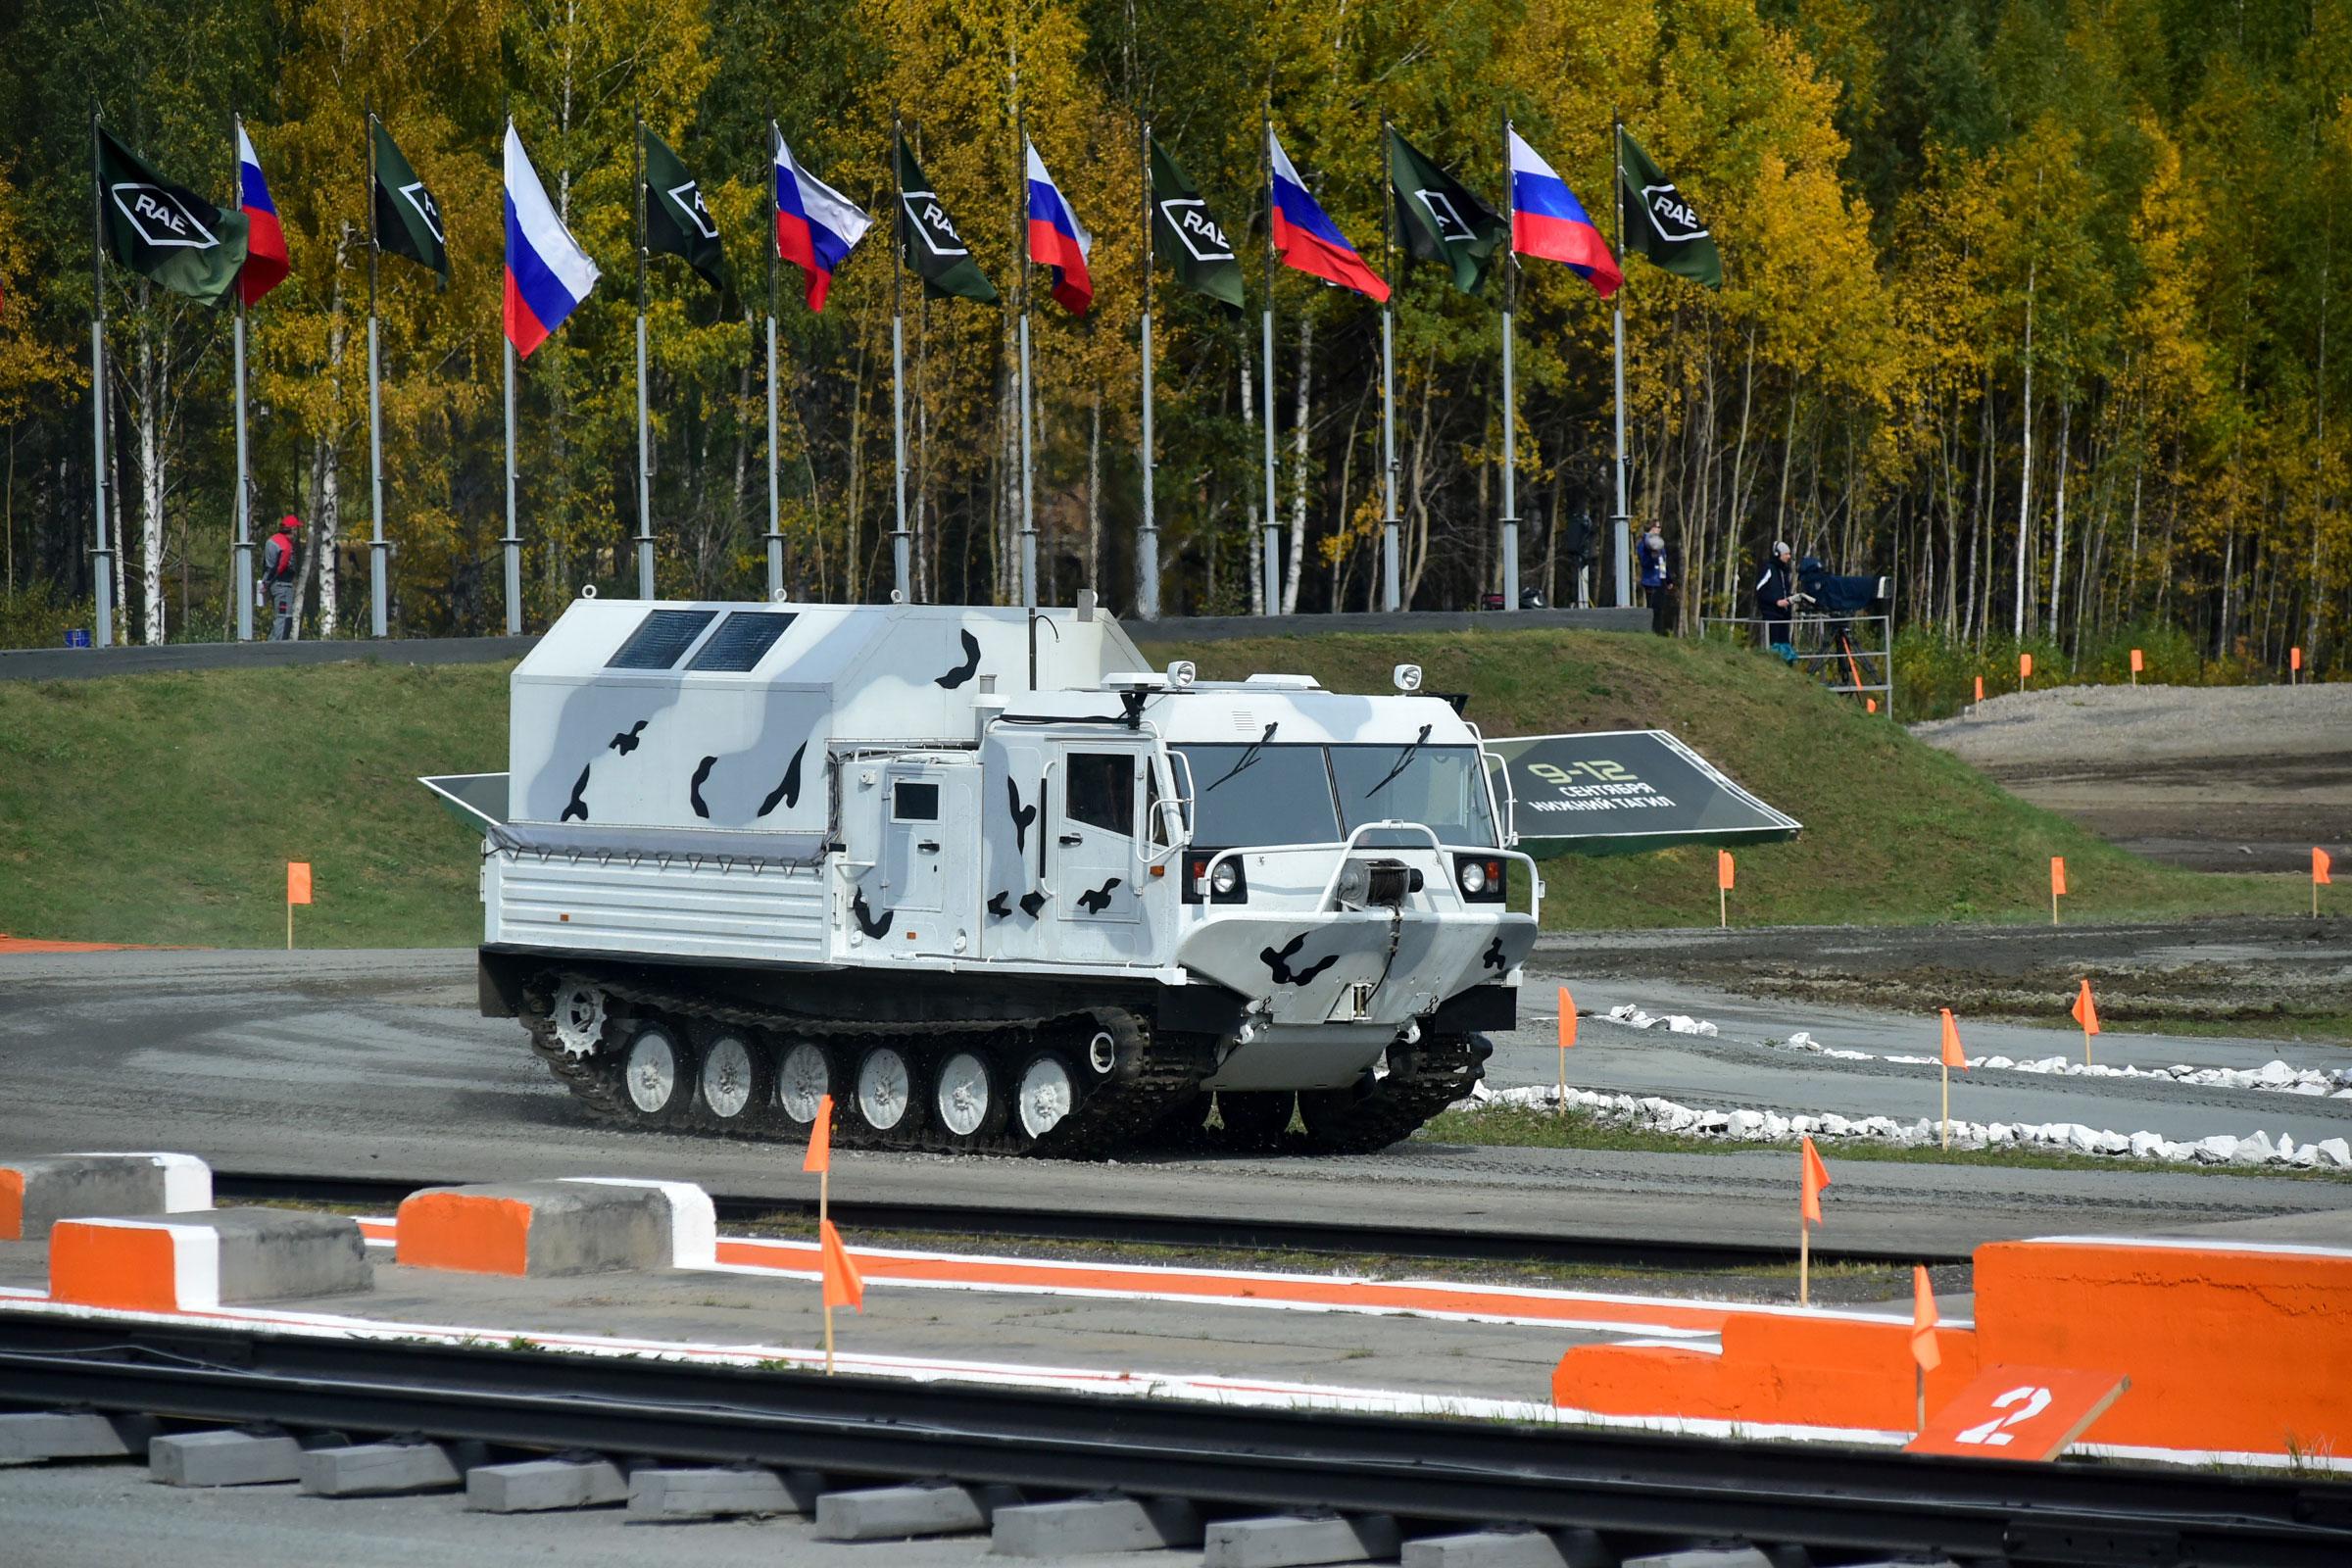 Интересный фоторепортаж с iii-го международного салона вооружений и военной техники мвсв-2008